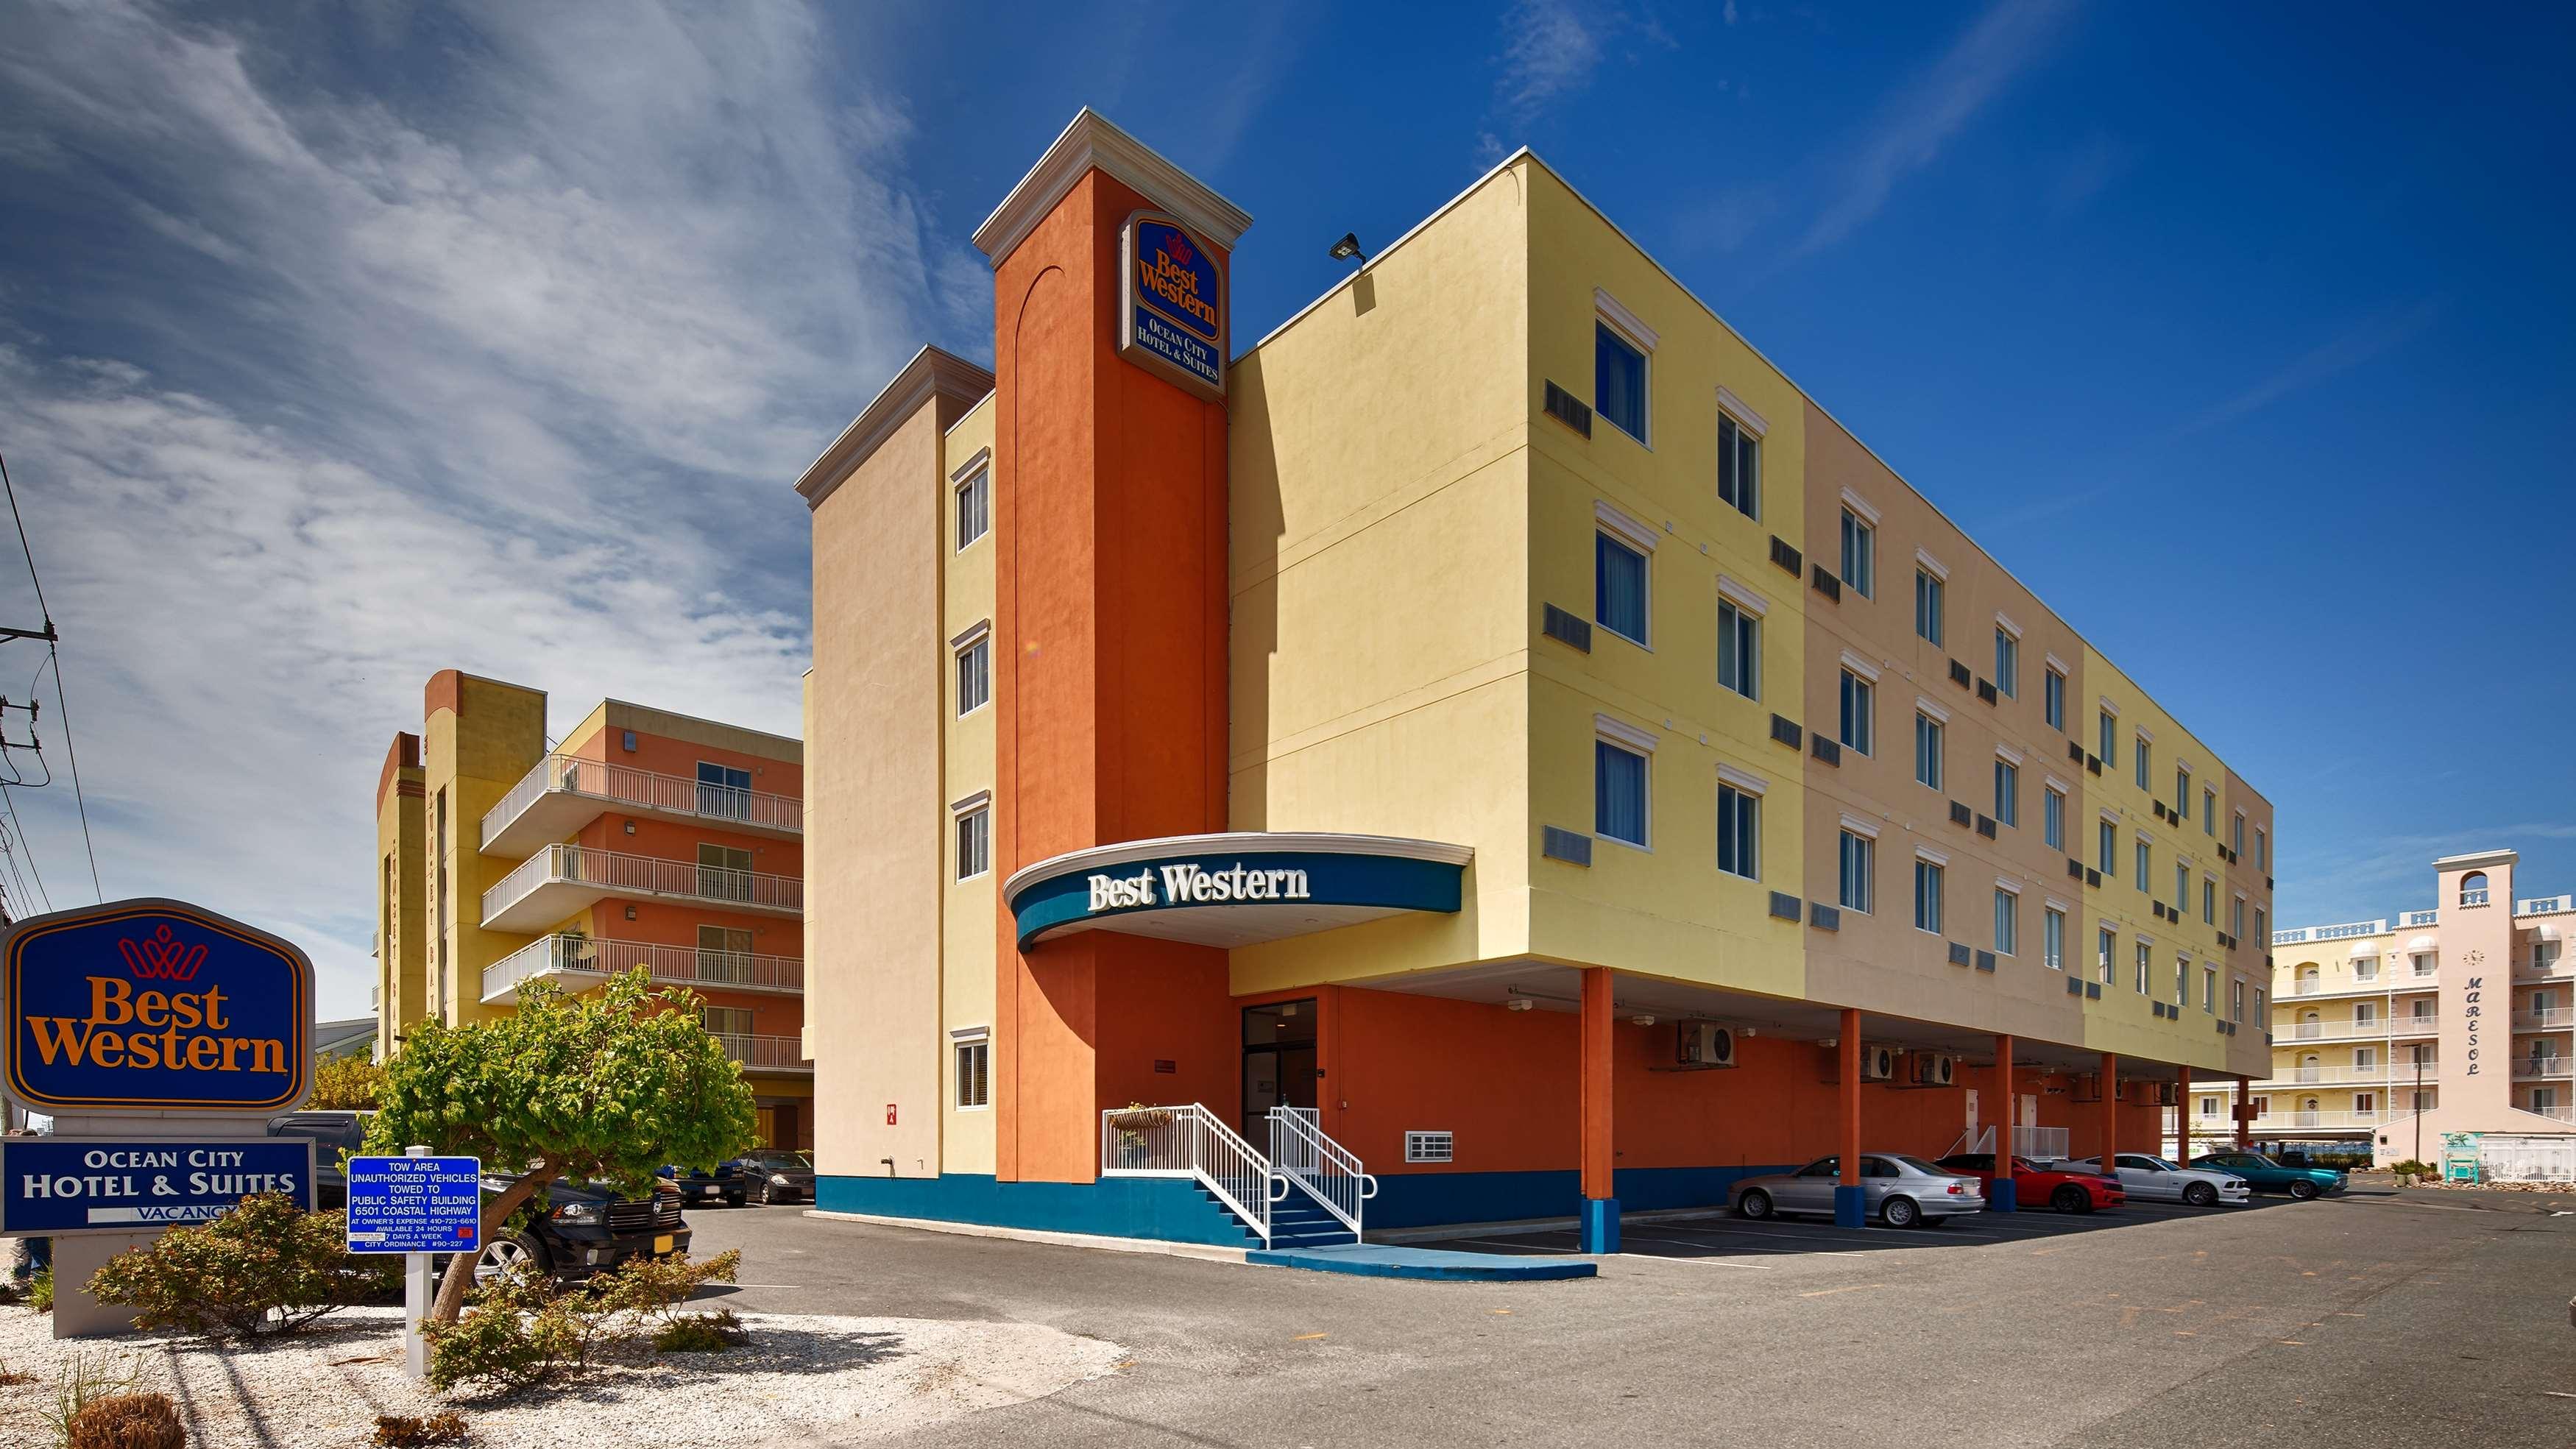 Best Western Ocean City Hotel & Suites image 0